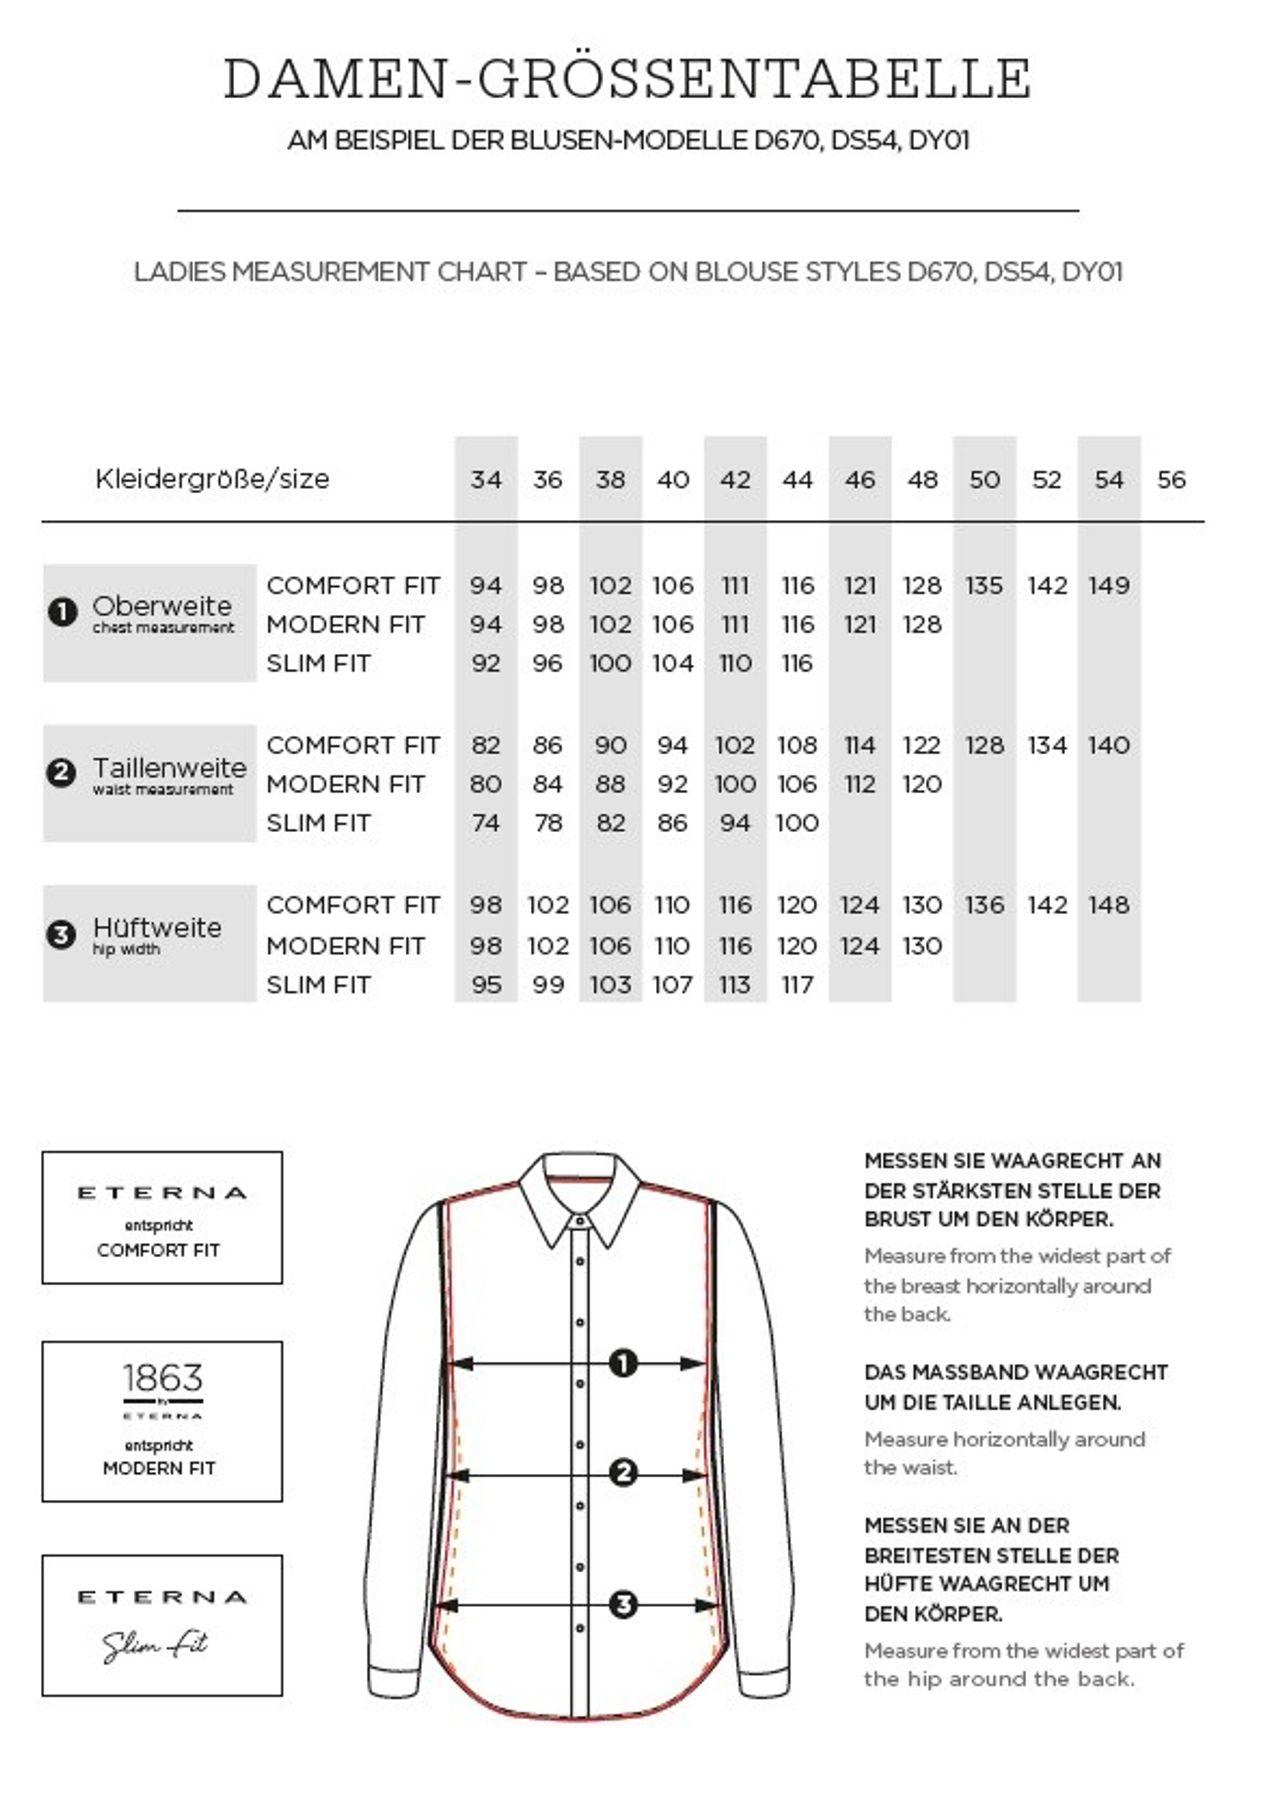 Eterna -  Comfort-Fit - Bügelfreie Damen Langarm - Bluse in Weiß, Blau, Rosè oder Schwarz (5220 D670) – Bild 18